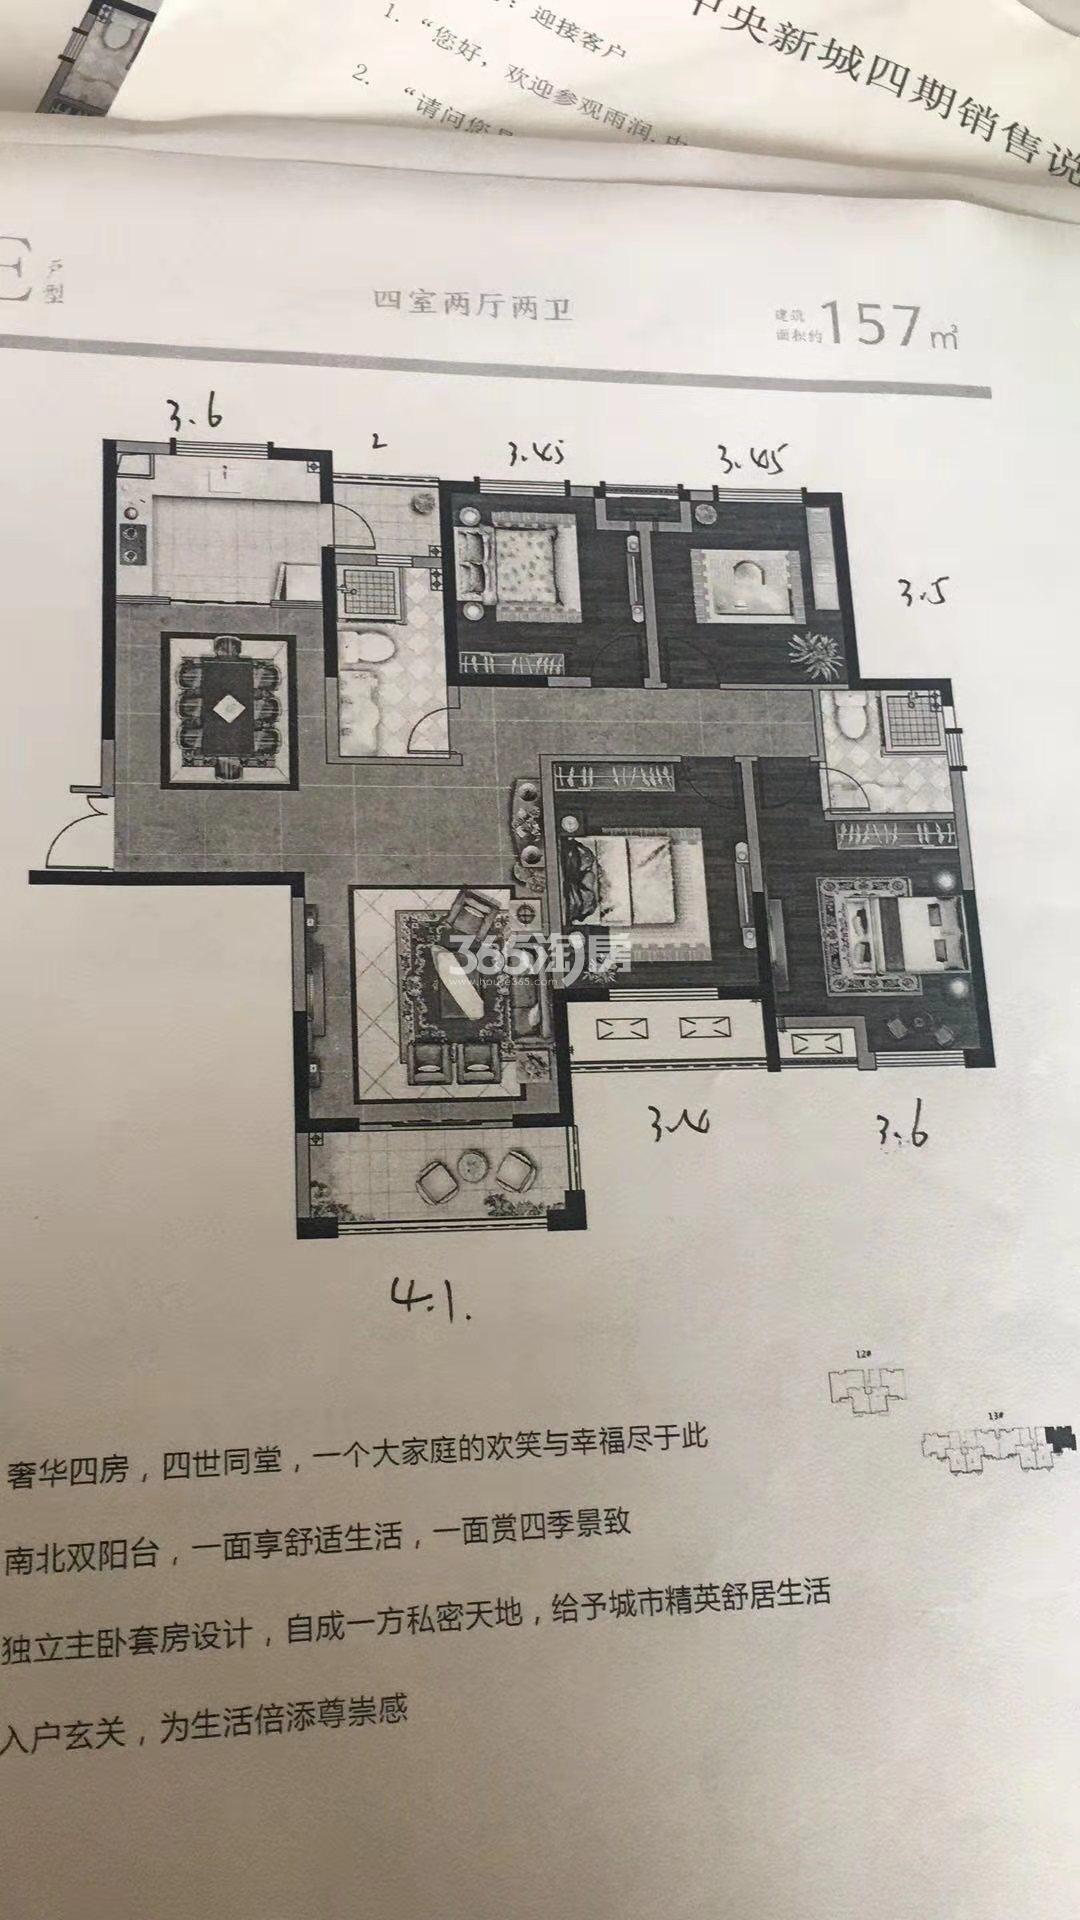 4室2厅2卫 157㎡